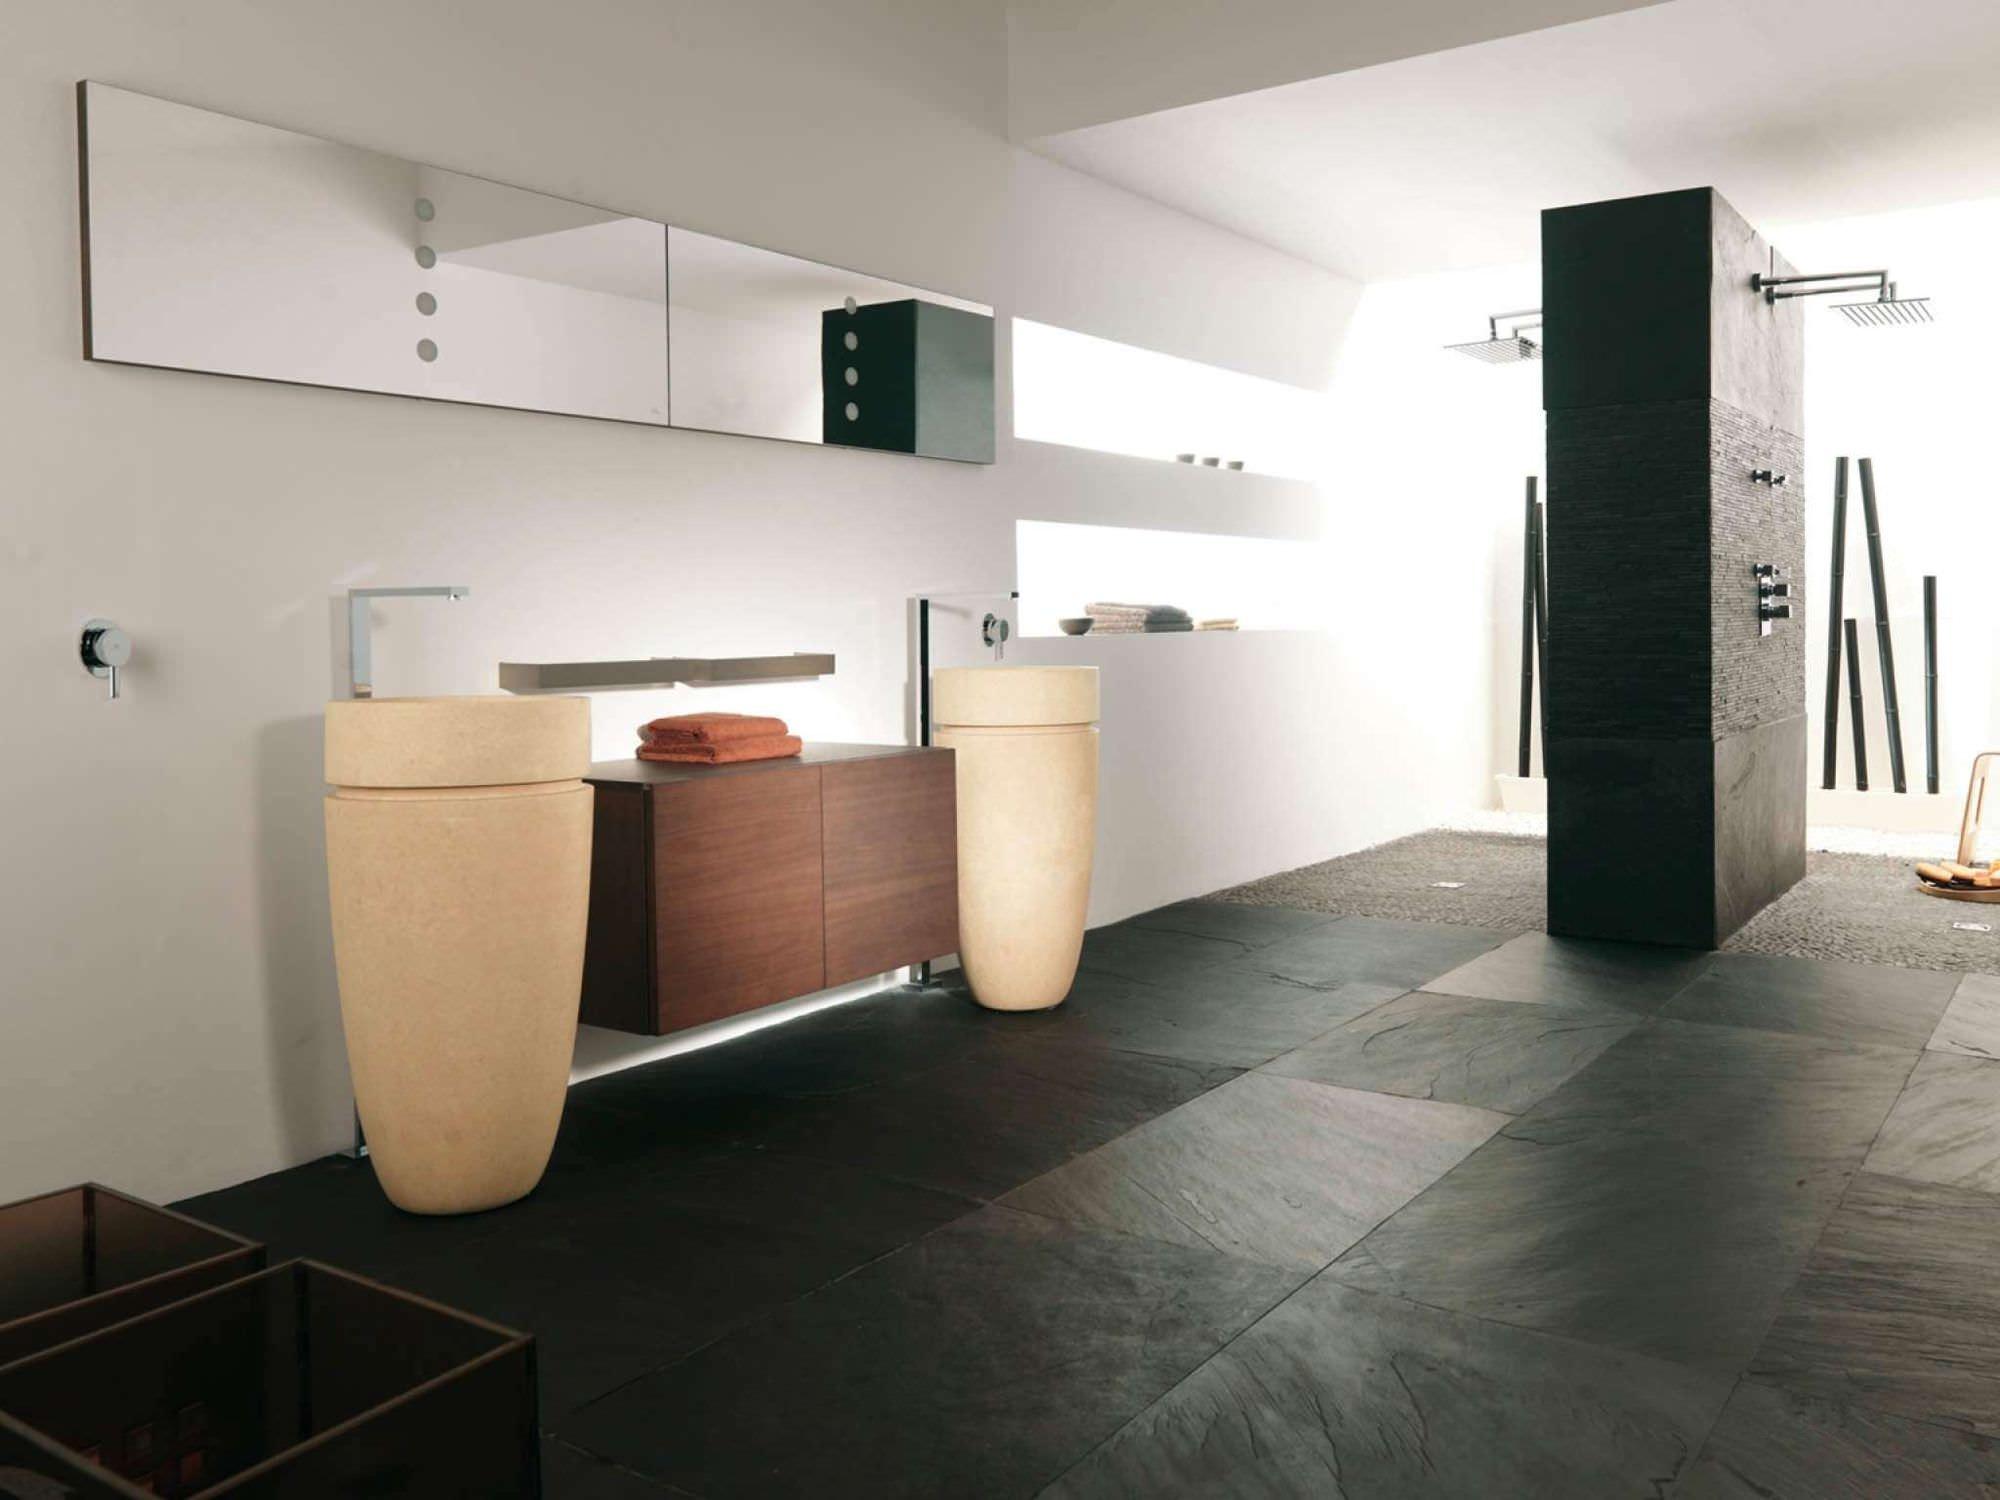 Innenraum-Fliesen / Badezimmer / für Böden / Schiefer - BHUTAN ...